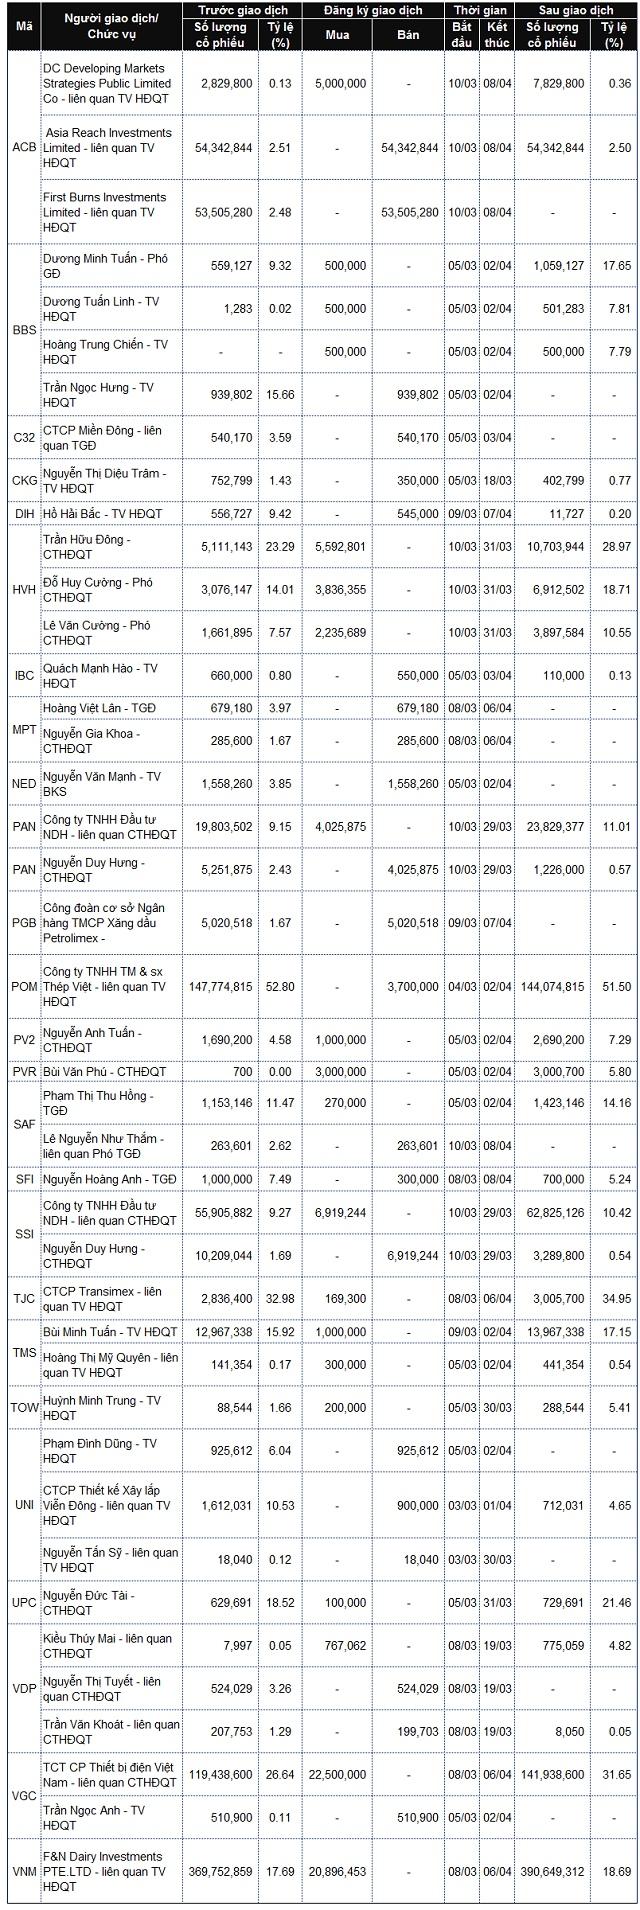 Lãnh đạo mua bán cổ phiếu: Các giao dịch lớn tại VGC, HNG, ACB và FLC